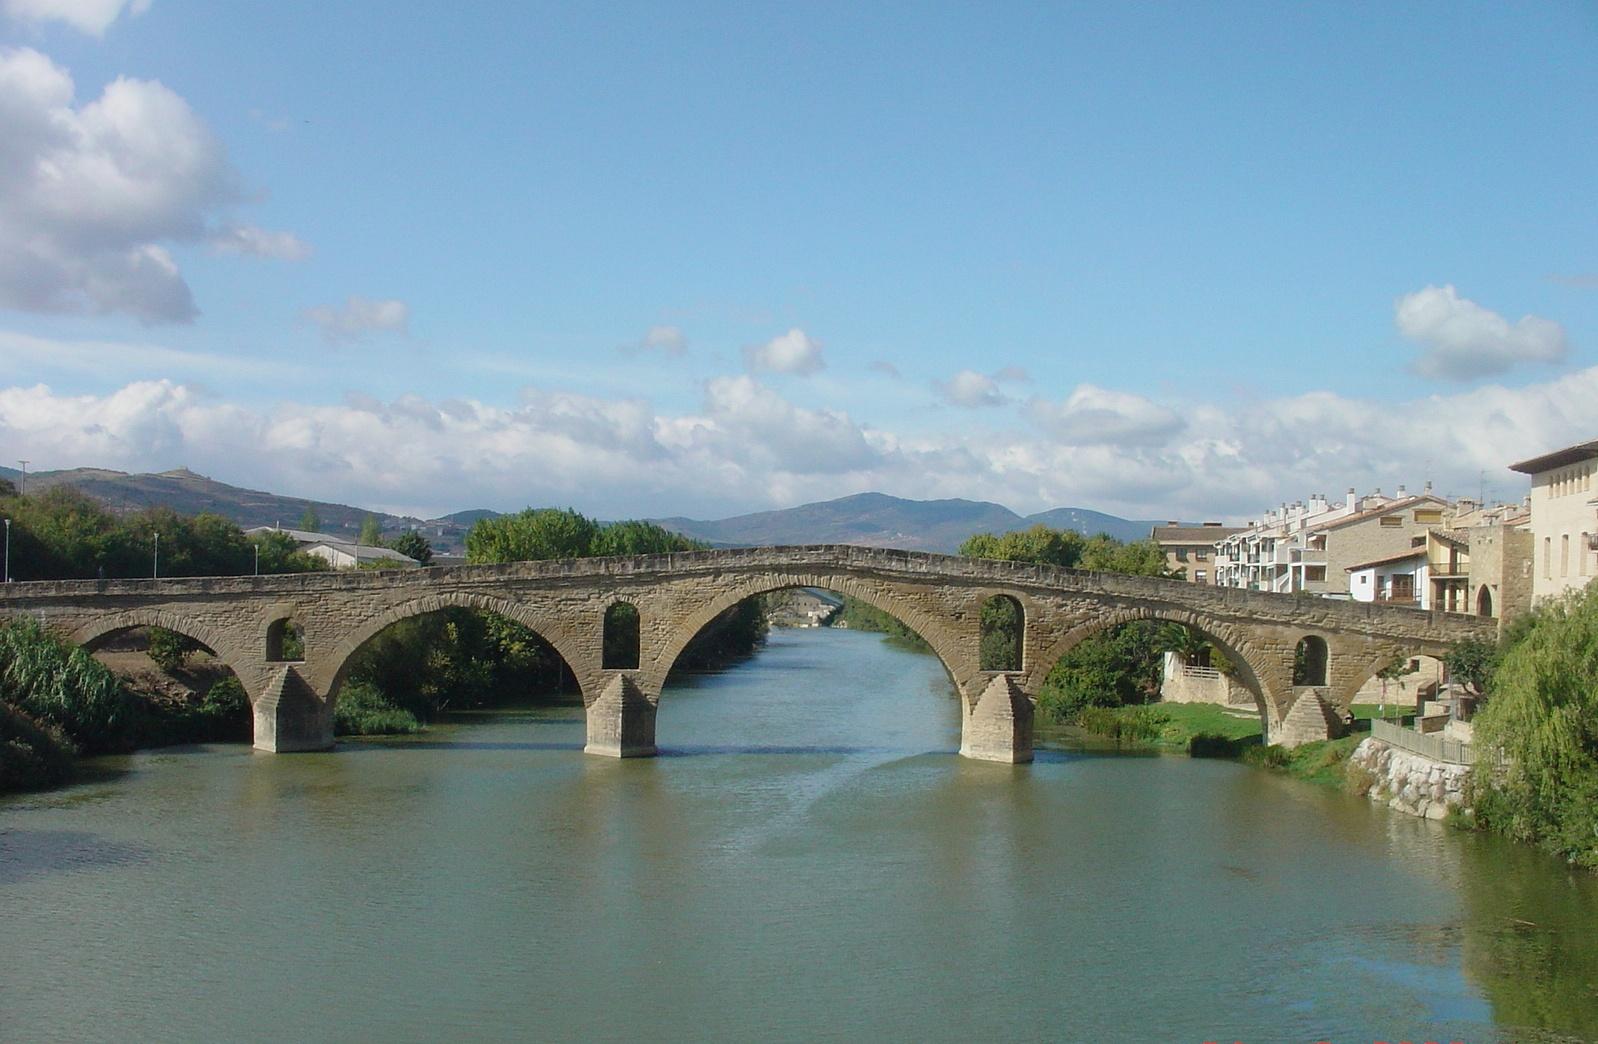 die Puente del la Reina